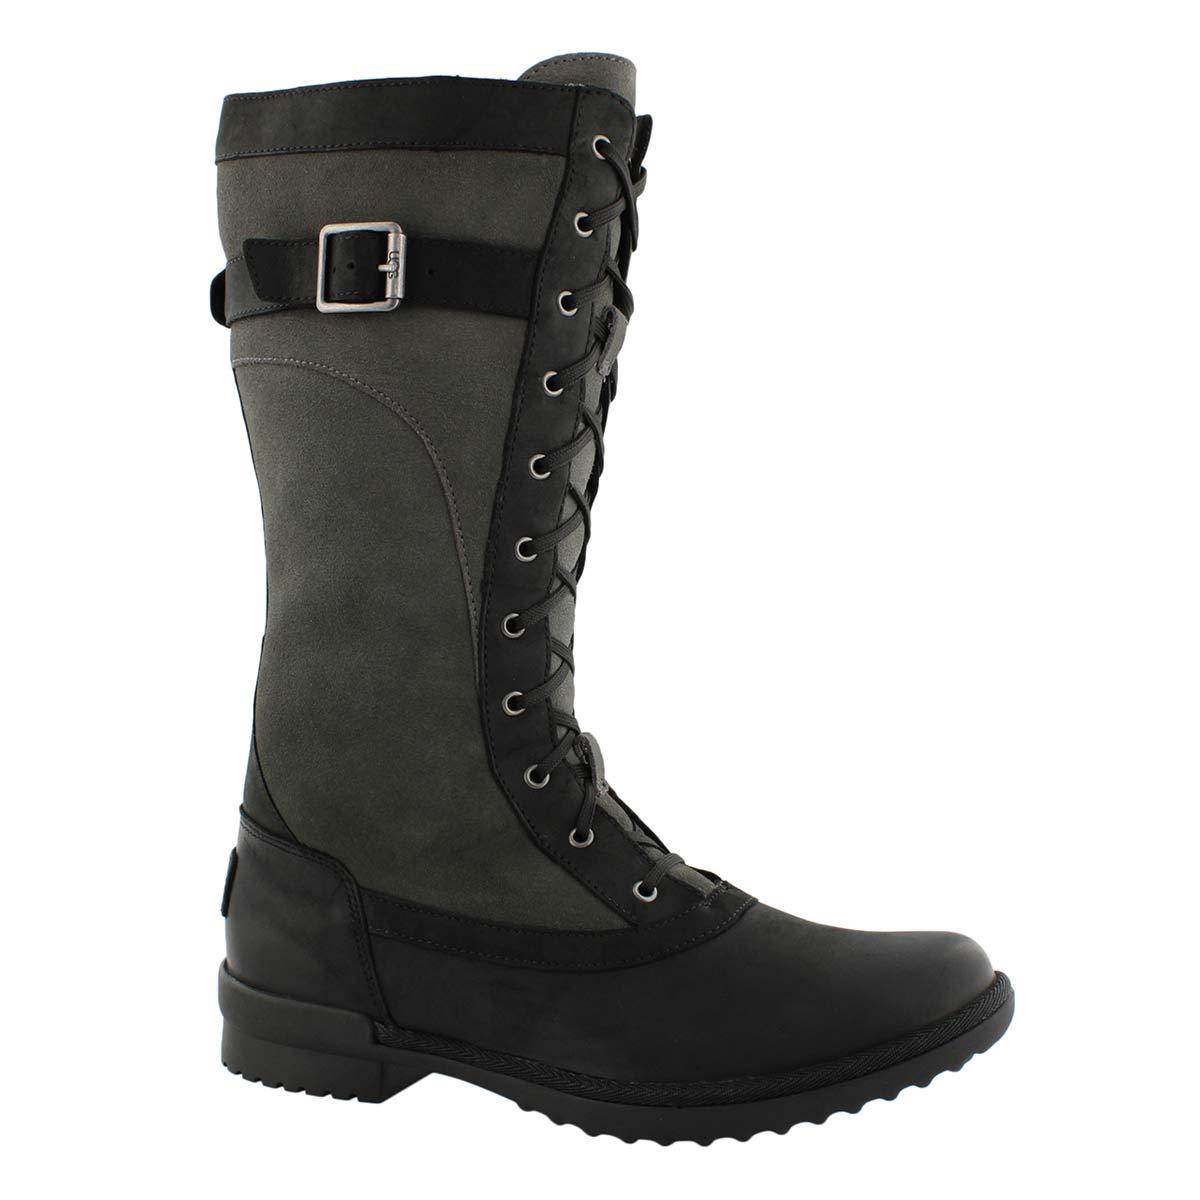 Lds Brystl Tall black wtpf mid calf boot